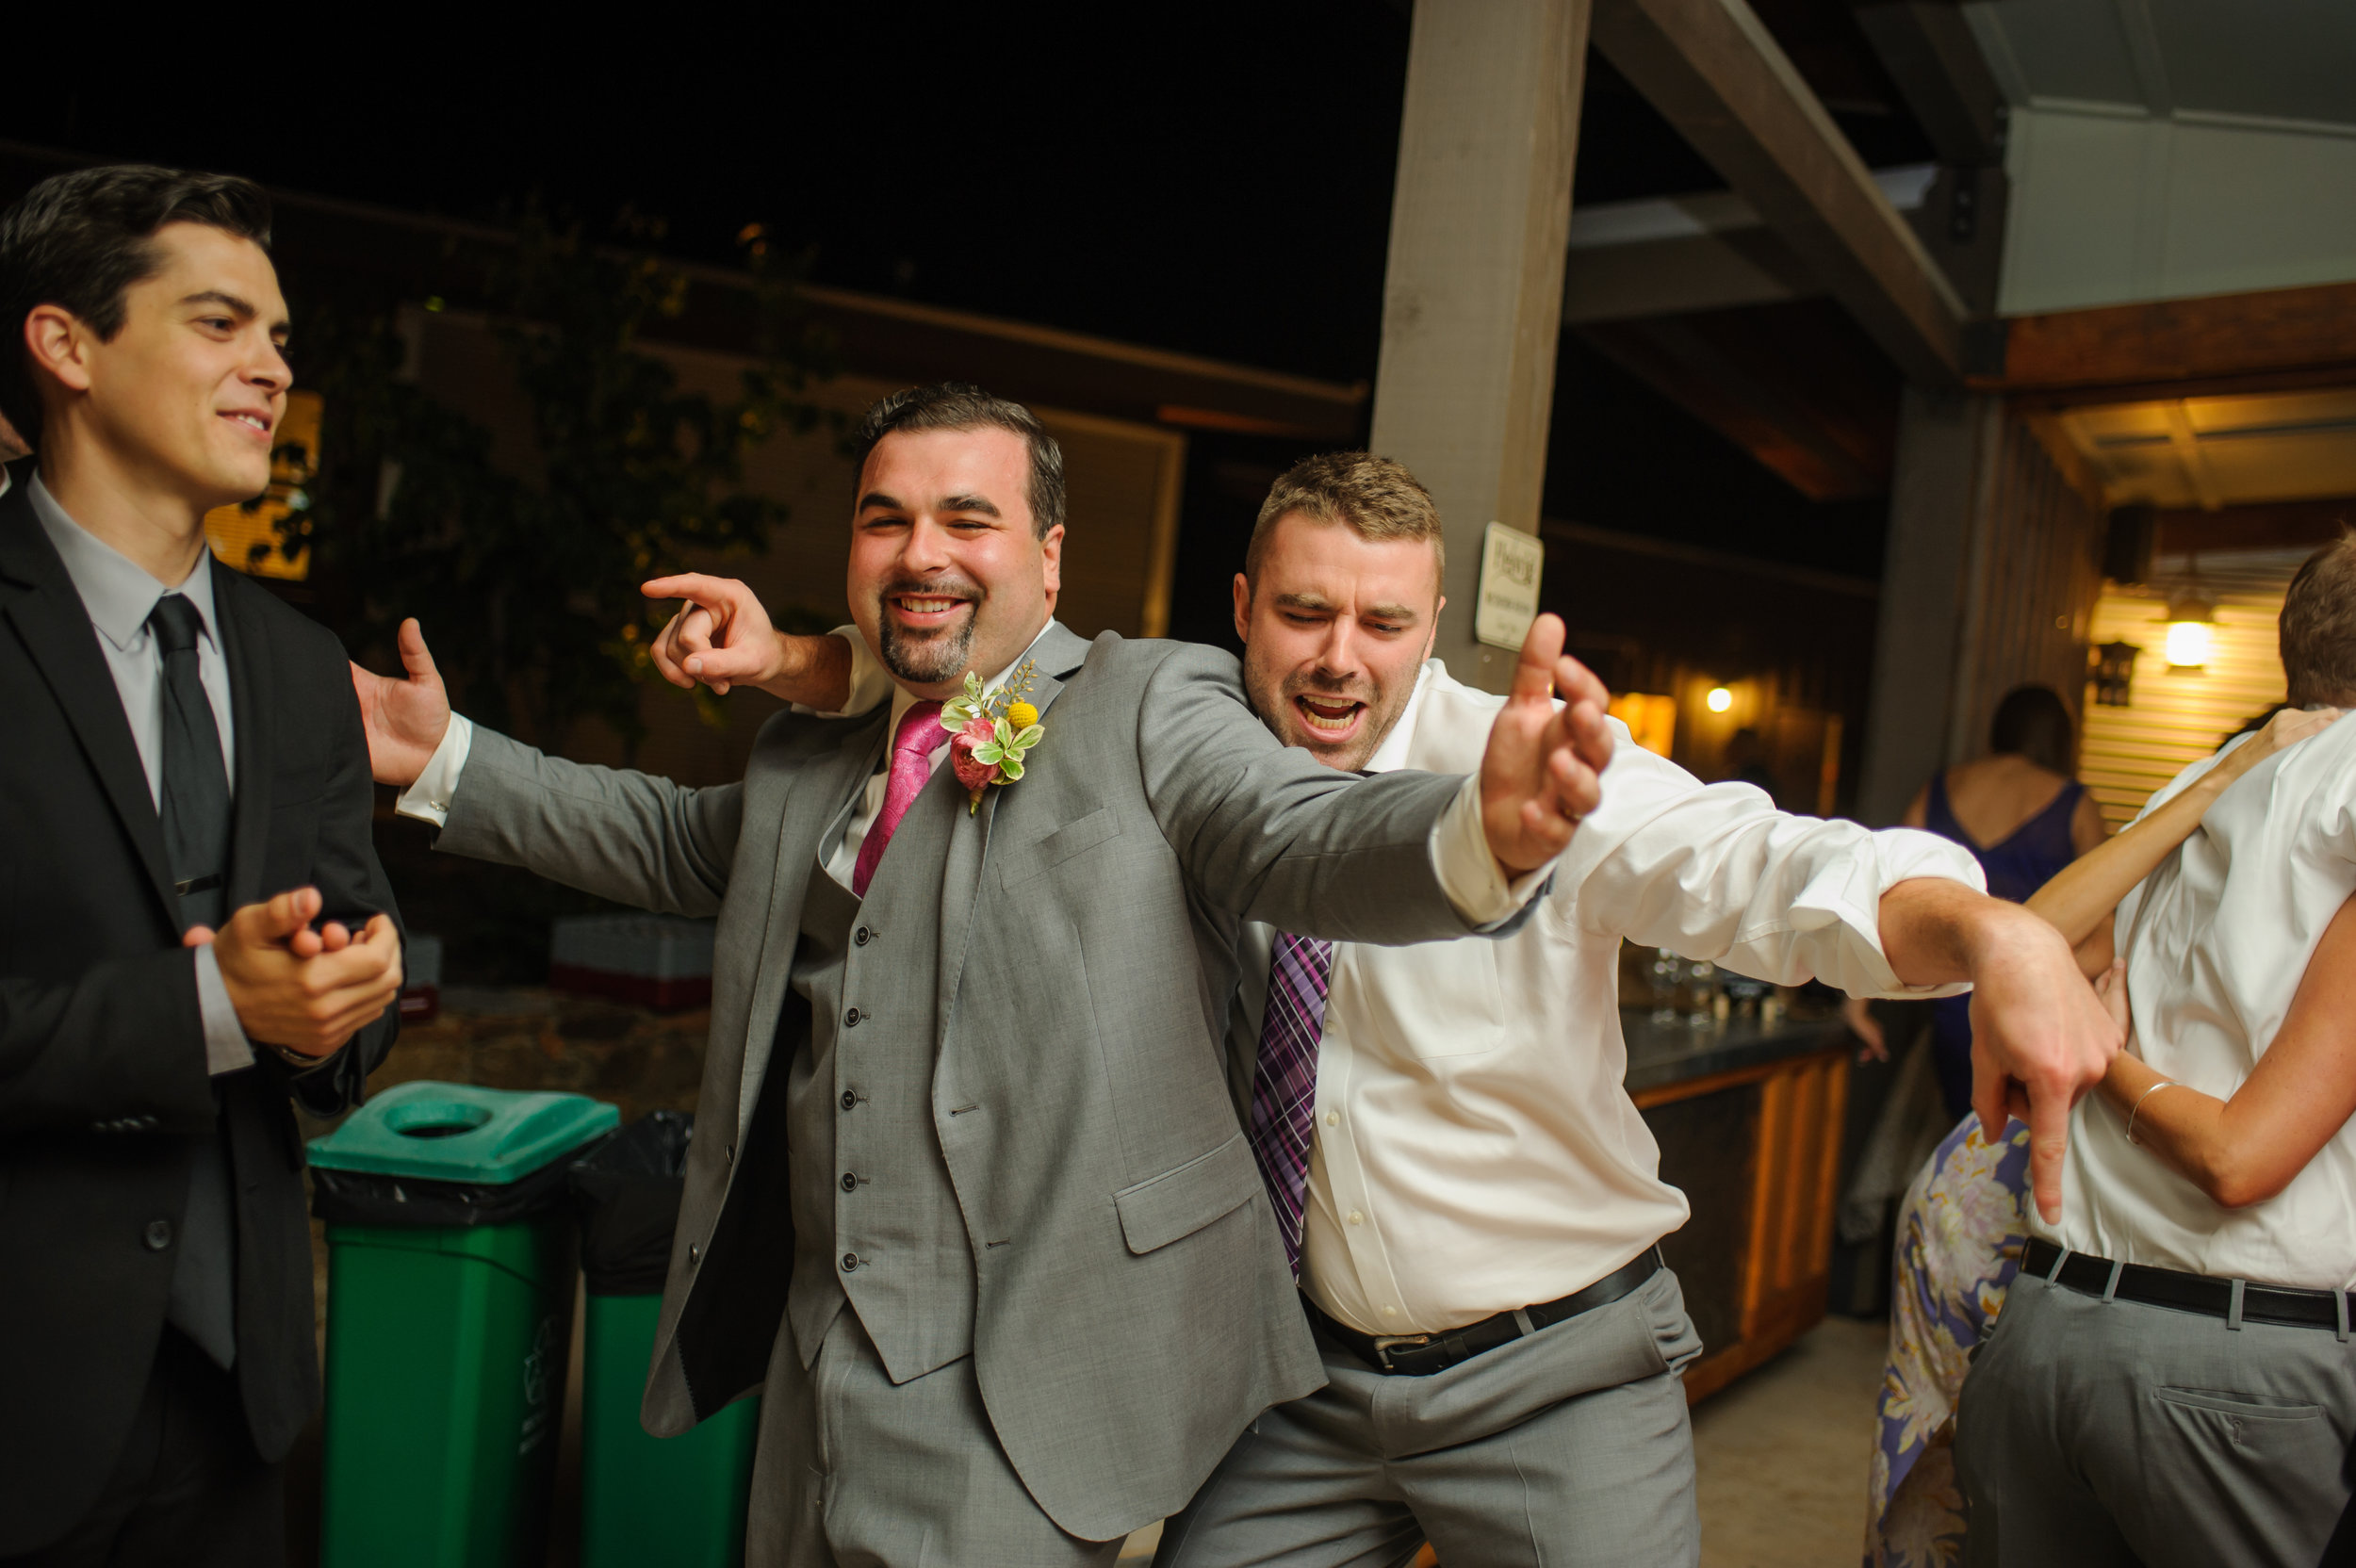 casey-sasha-047-helwig-winery-plymouth-wedding-photographer-katherine-nicole-photography.JPG